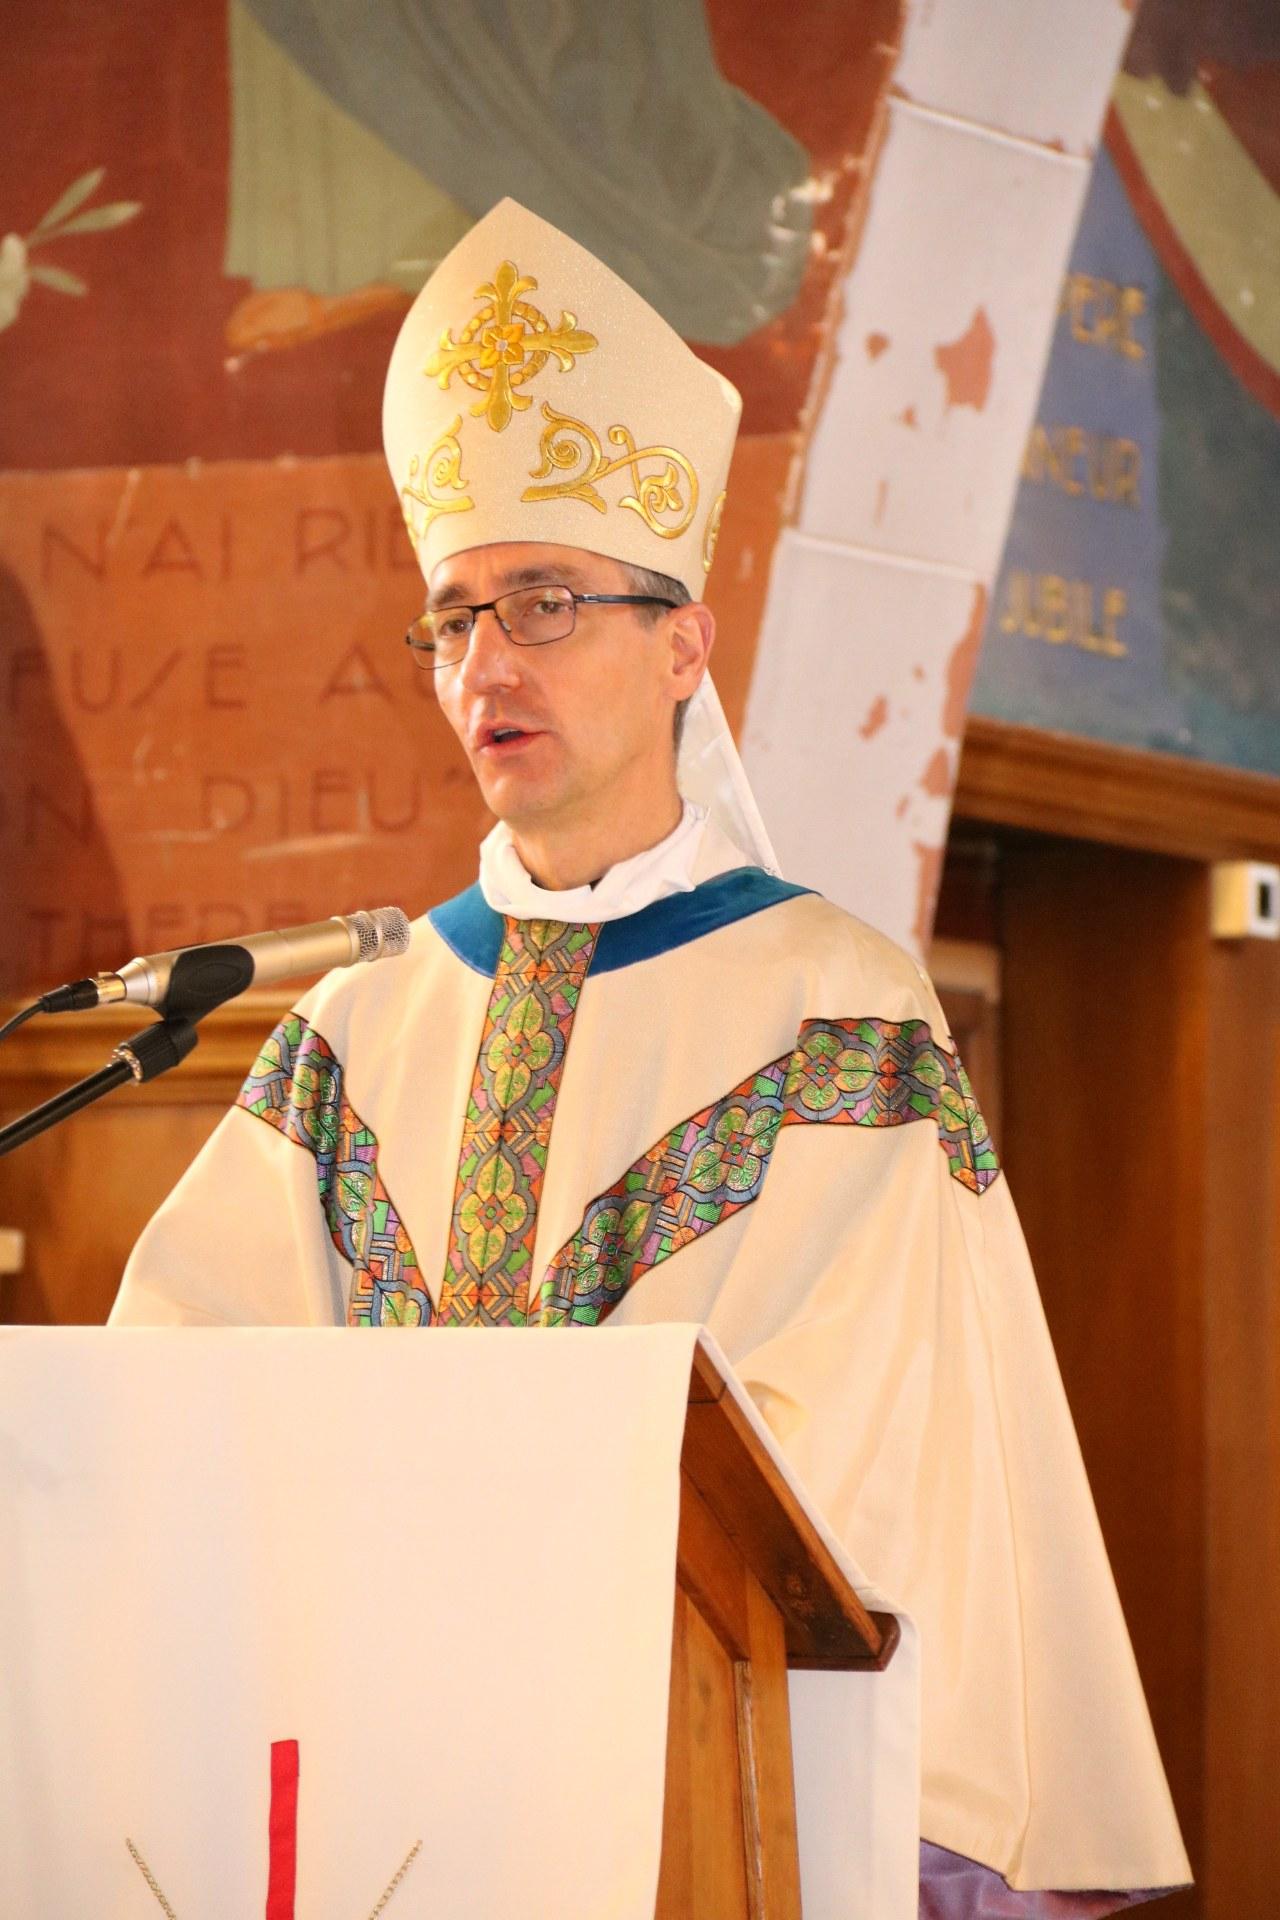 2010 - Messe présidée par Mgr DOLLMANN 34